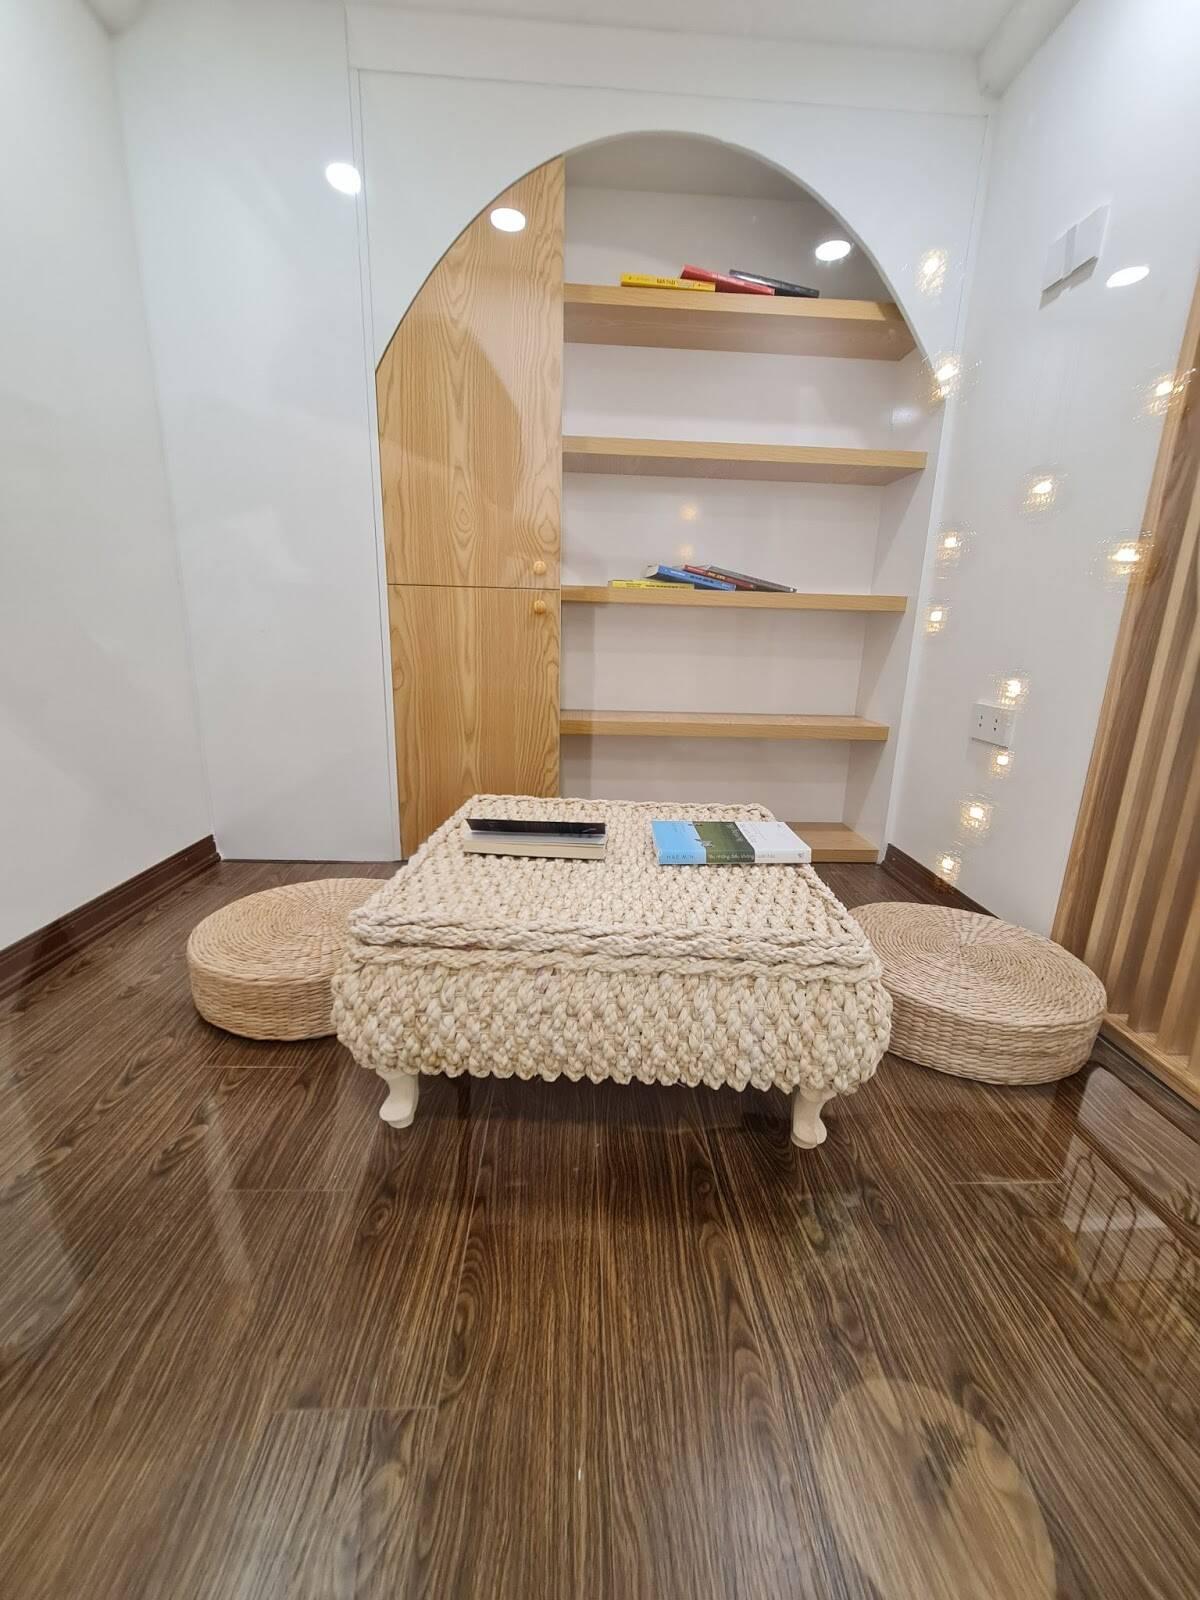 thiết kế nội thất nhà ống diện tích nhỏ đầy đủ tiện nghi